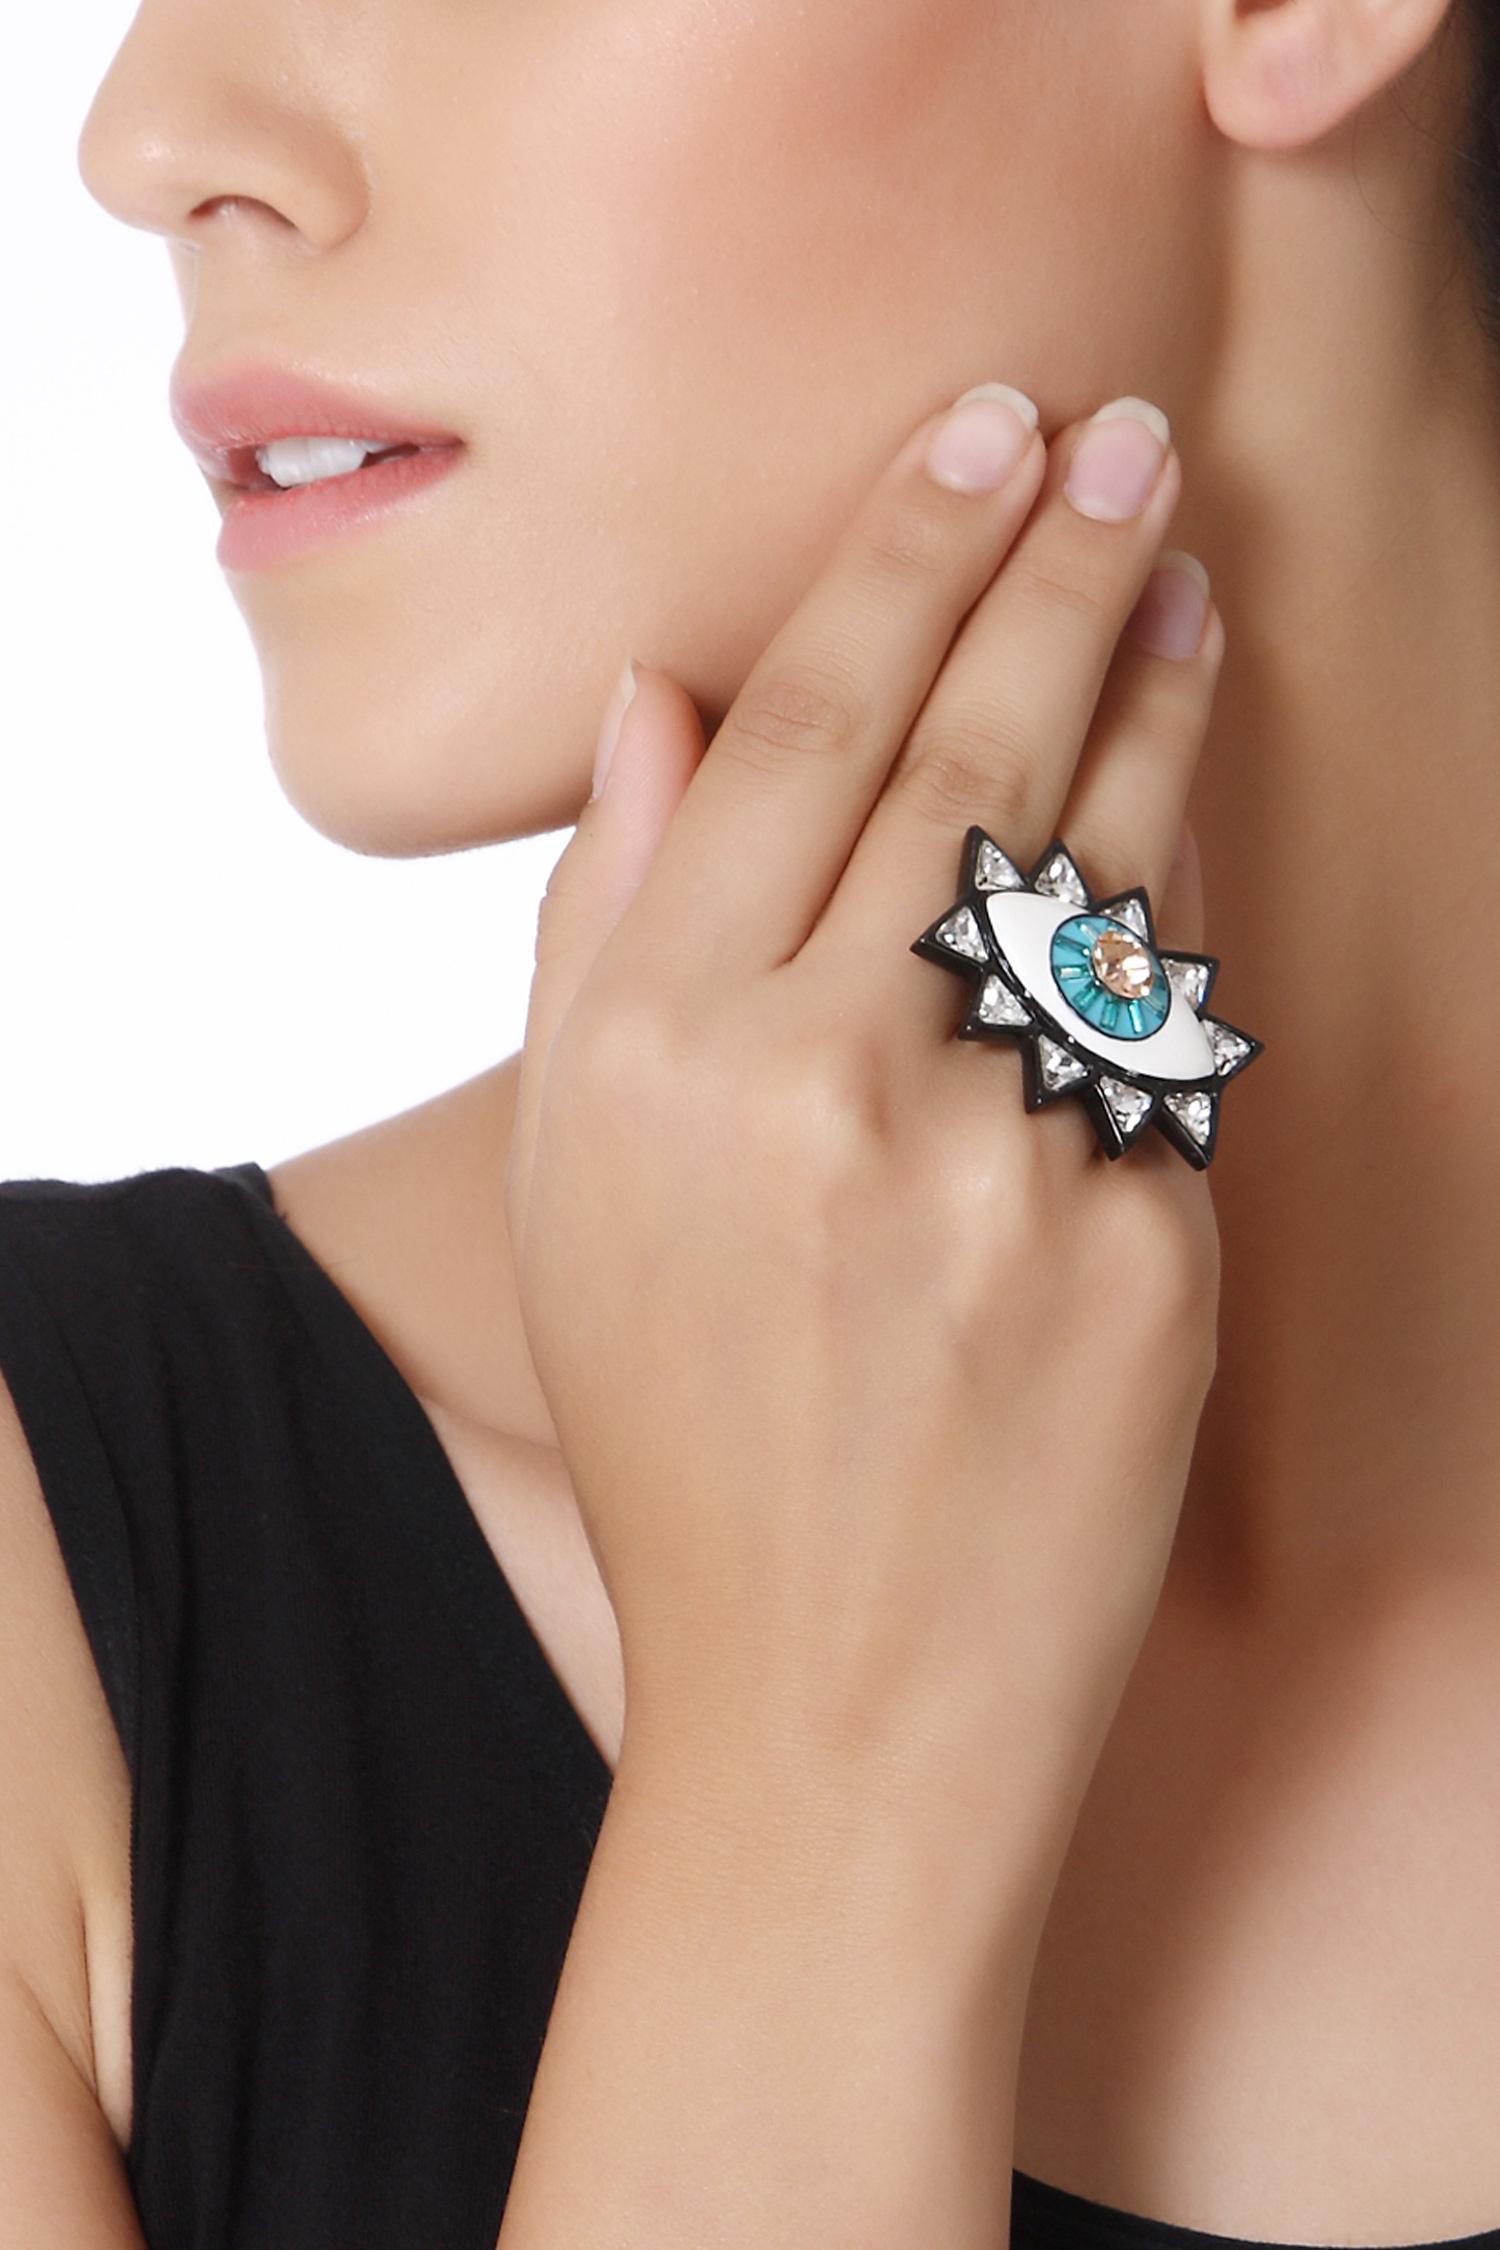 98fdff81e Evil Eye Ring - Valliyan - Designers